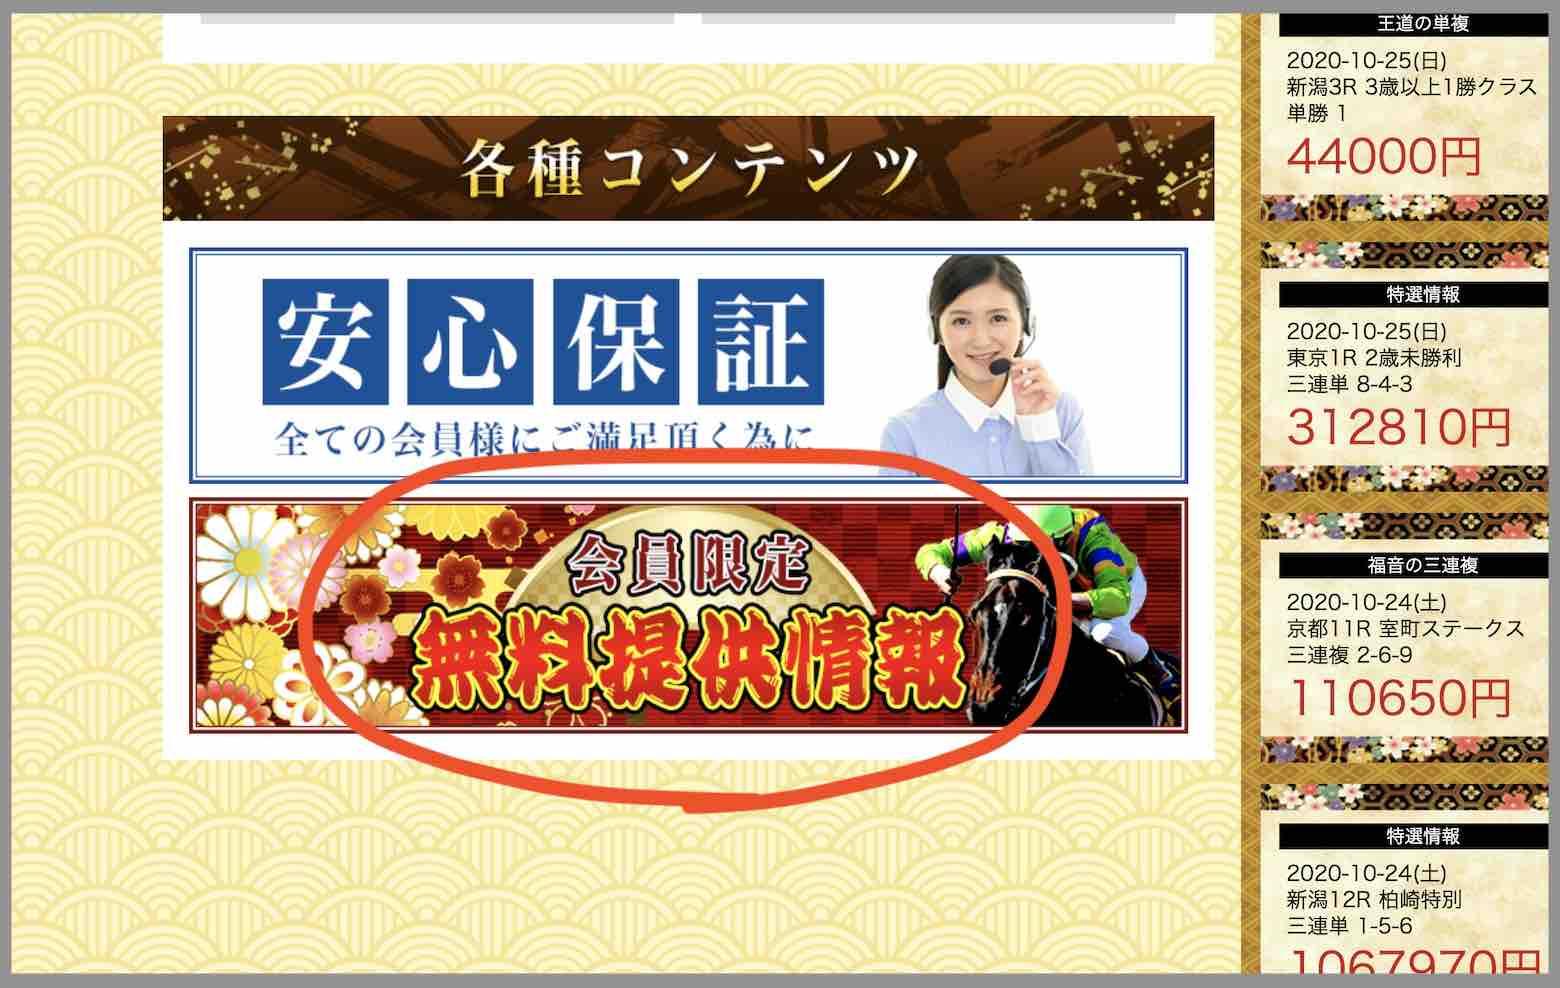 TENKEI(天啓)という競馬予想サイトの無料予想(無料情報)を確認する